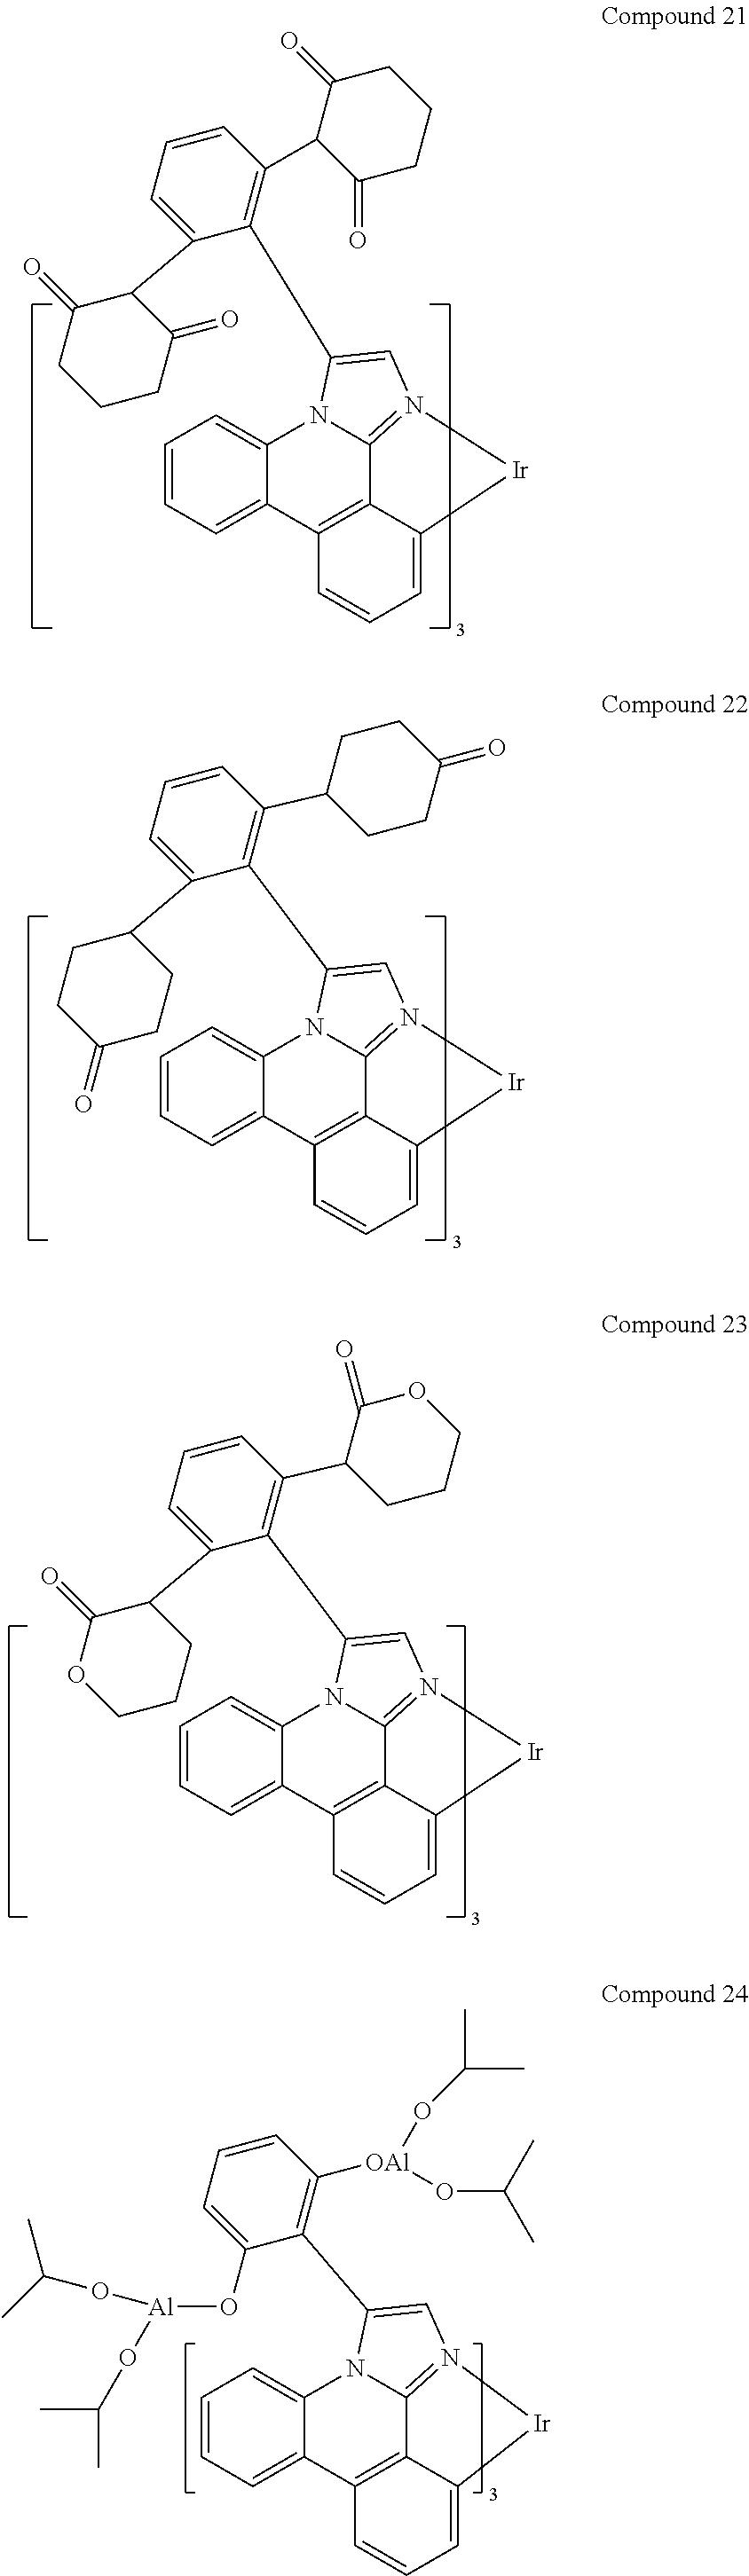 Figure US08815415-20140826-C00012